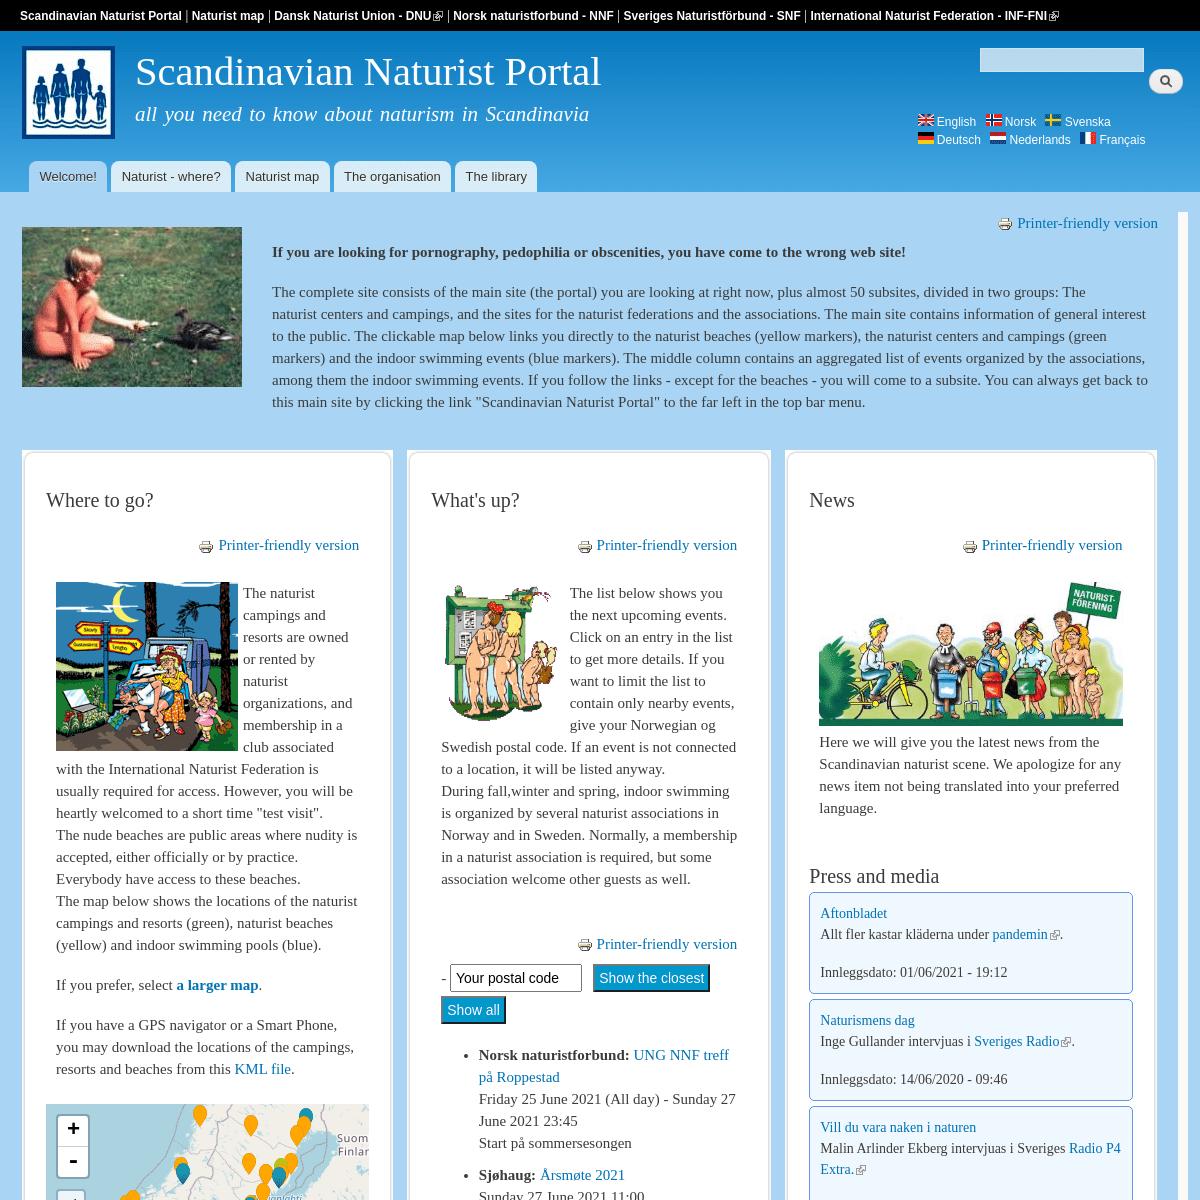 #Welcome! - Scandinavian Naturist Portal